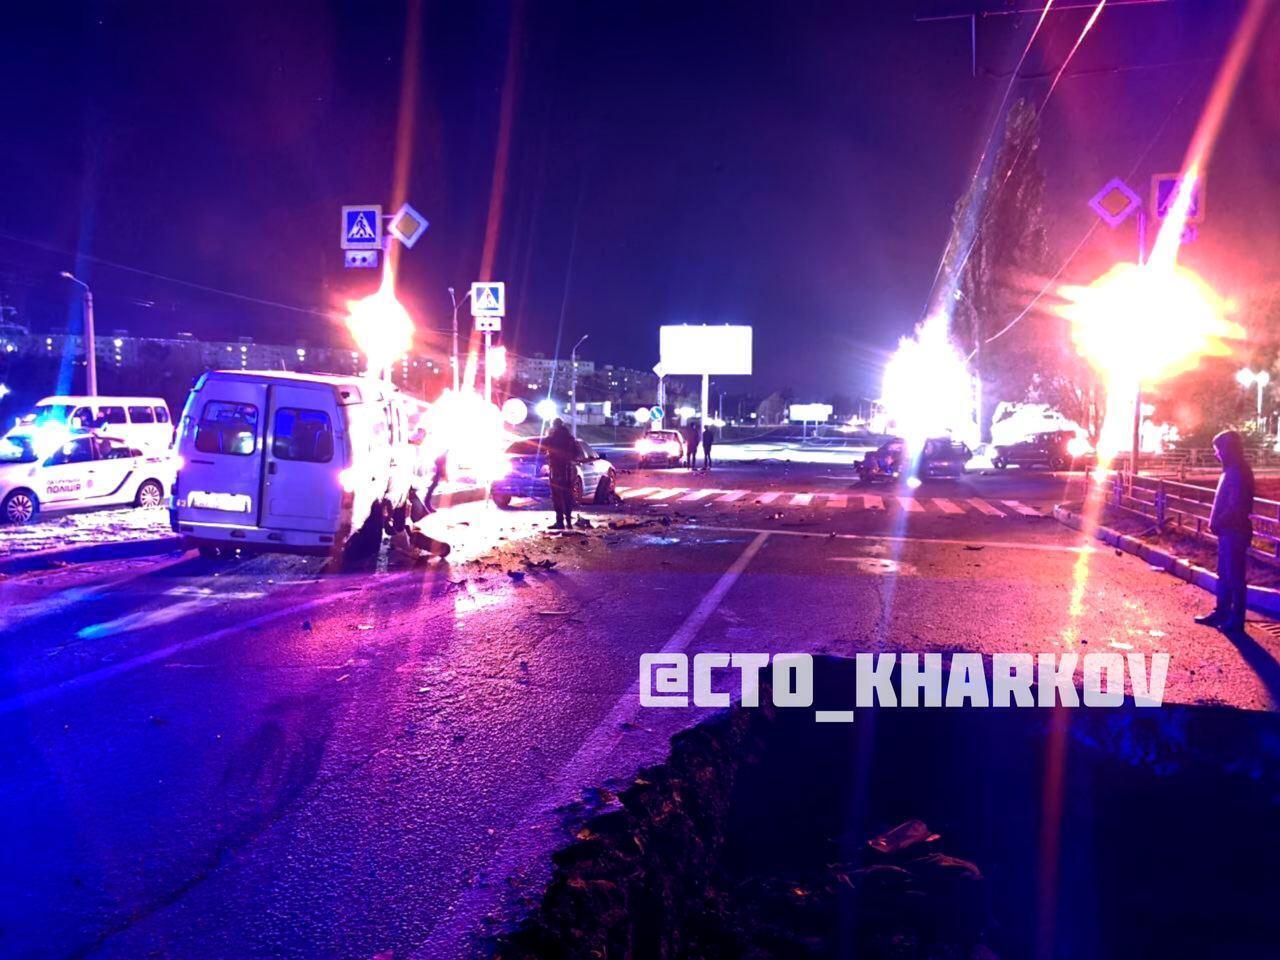 Фотография с перекрестка, на котором случилось ДТП